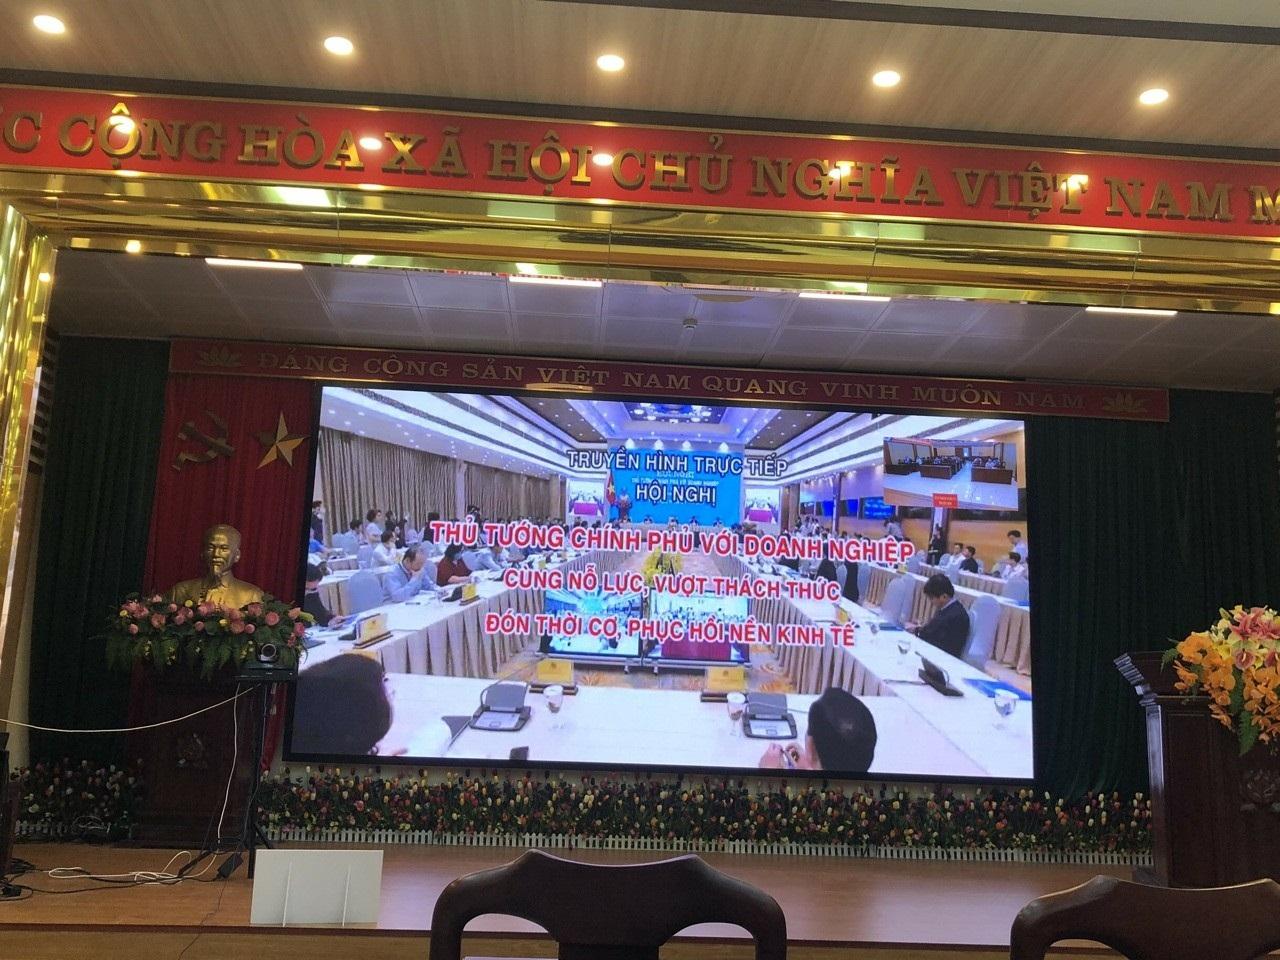 Doanh nghiệp Hiệp hội DNNVV tỉnh Bắc Ninh tham dự Hội nghị trực tuyến của Thủ tướng Chính phủ